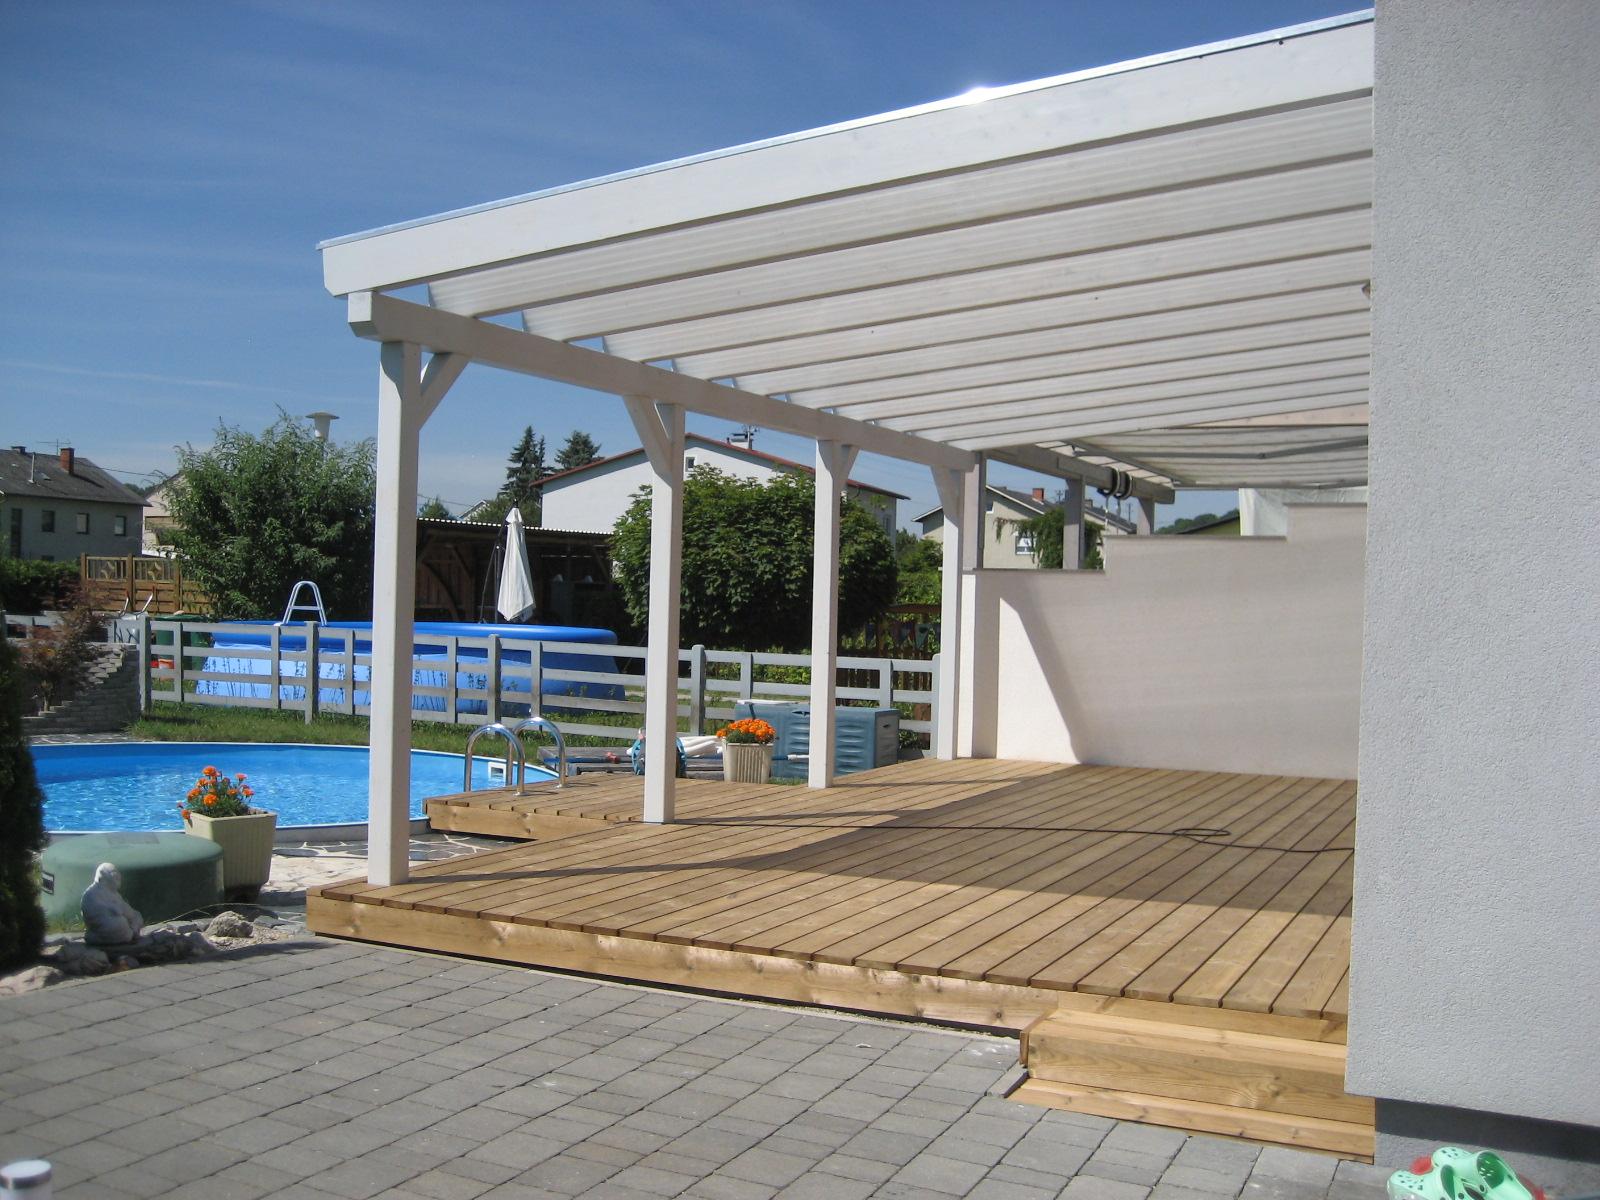 Terrasse mit Thermo- Kiefer Dielen und Terrassenüberdachung mit Thermoclear- Stegplatten